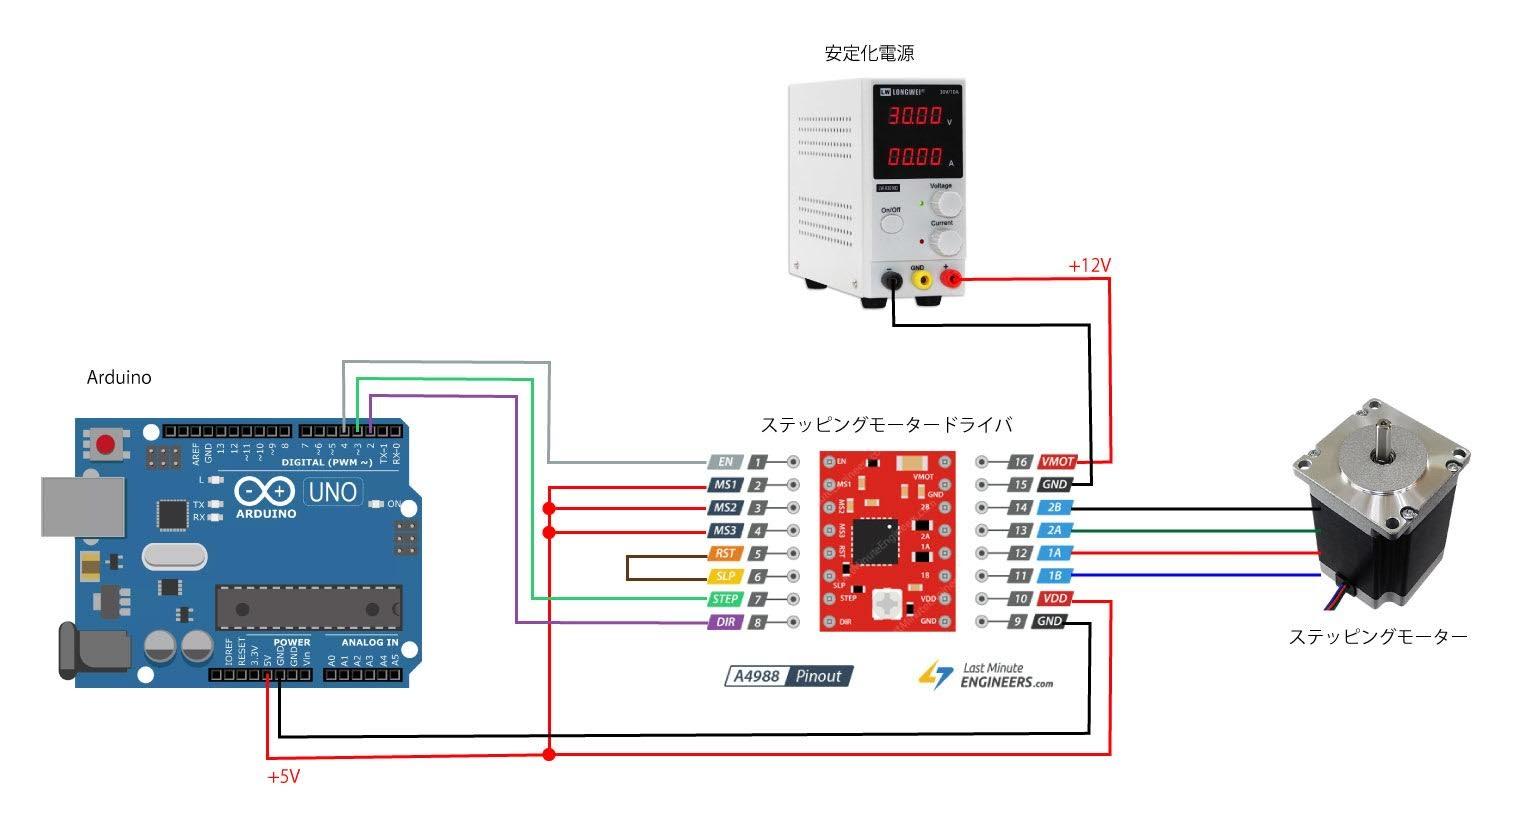 ステッピングモーター接続図1.jpg (123.8 kB)